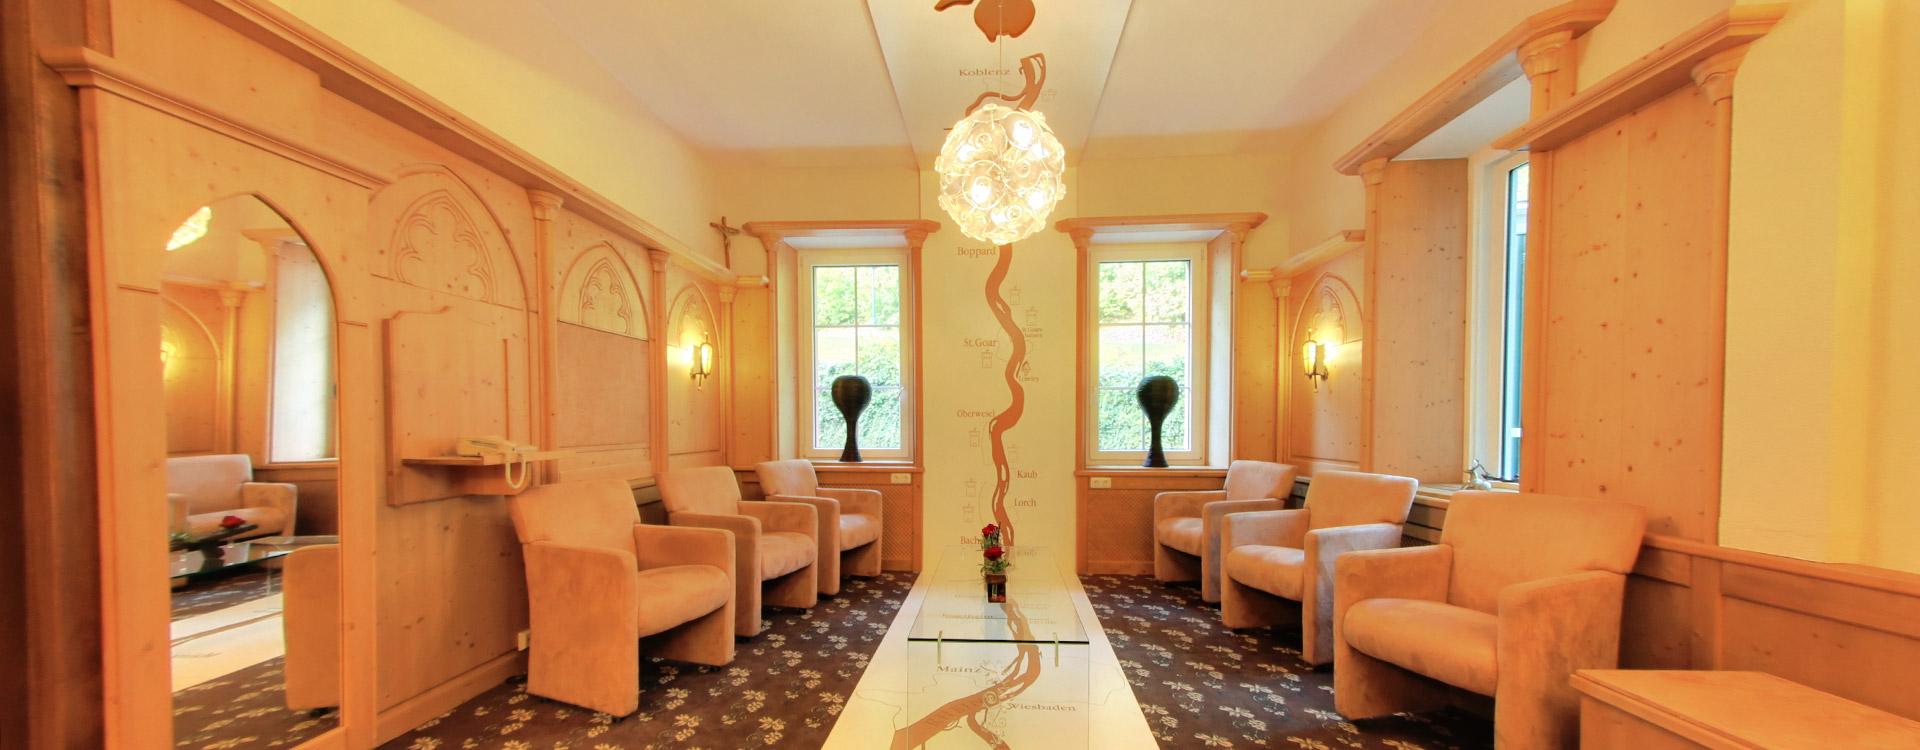 akzent_waldhotel_rheingau_geisenheim_foyer_01